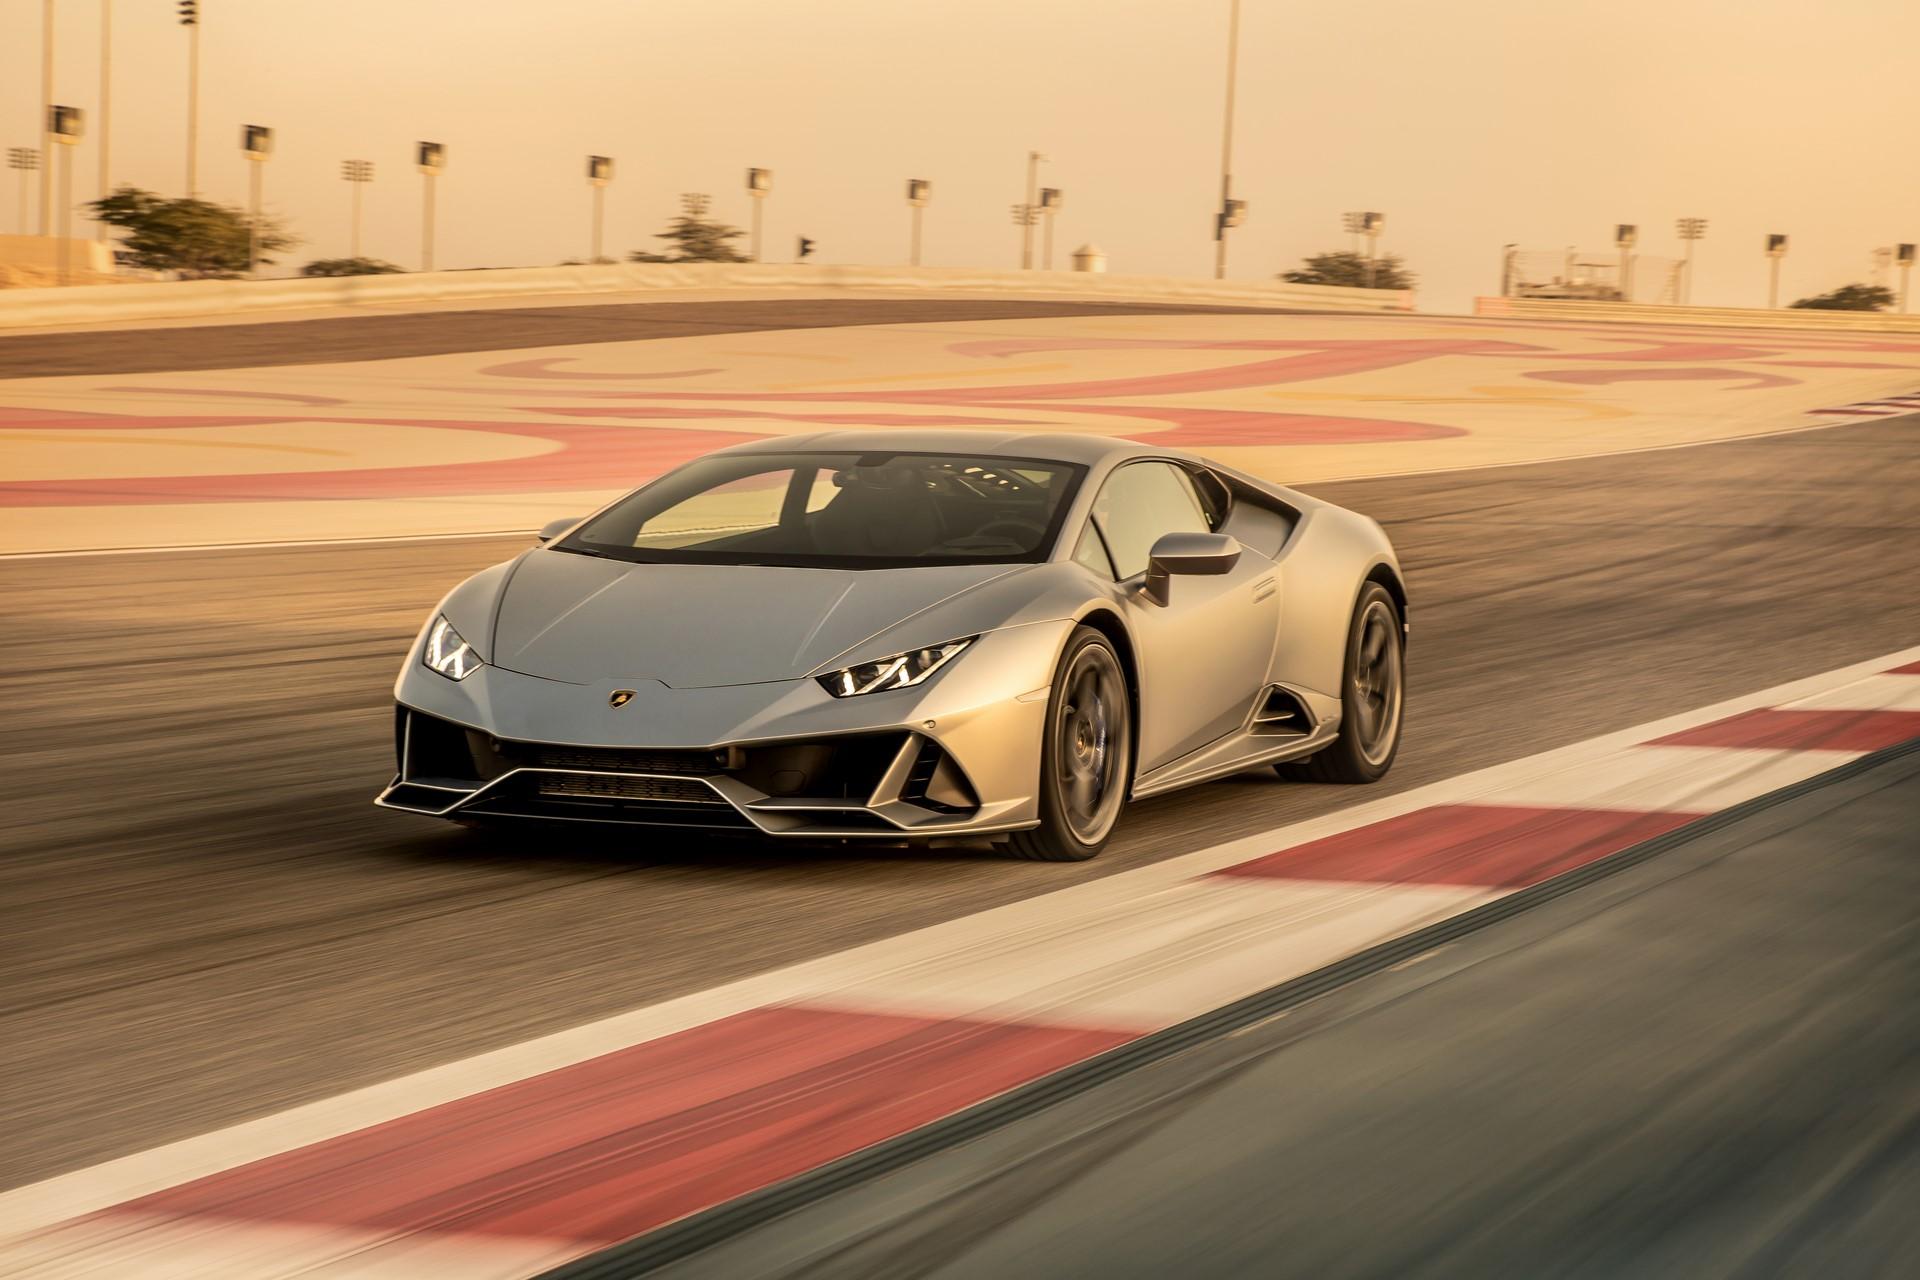 Lamborghini Huracan Evo 2019 (64)